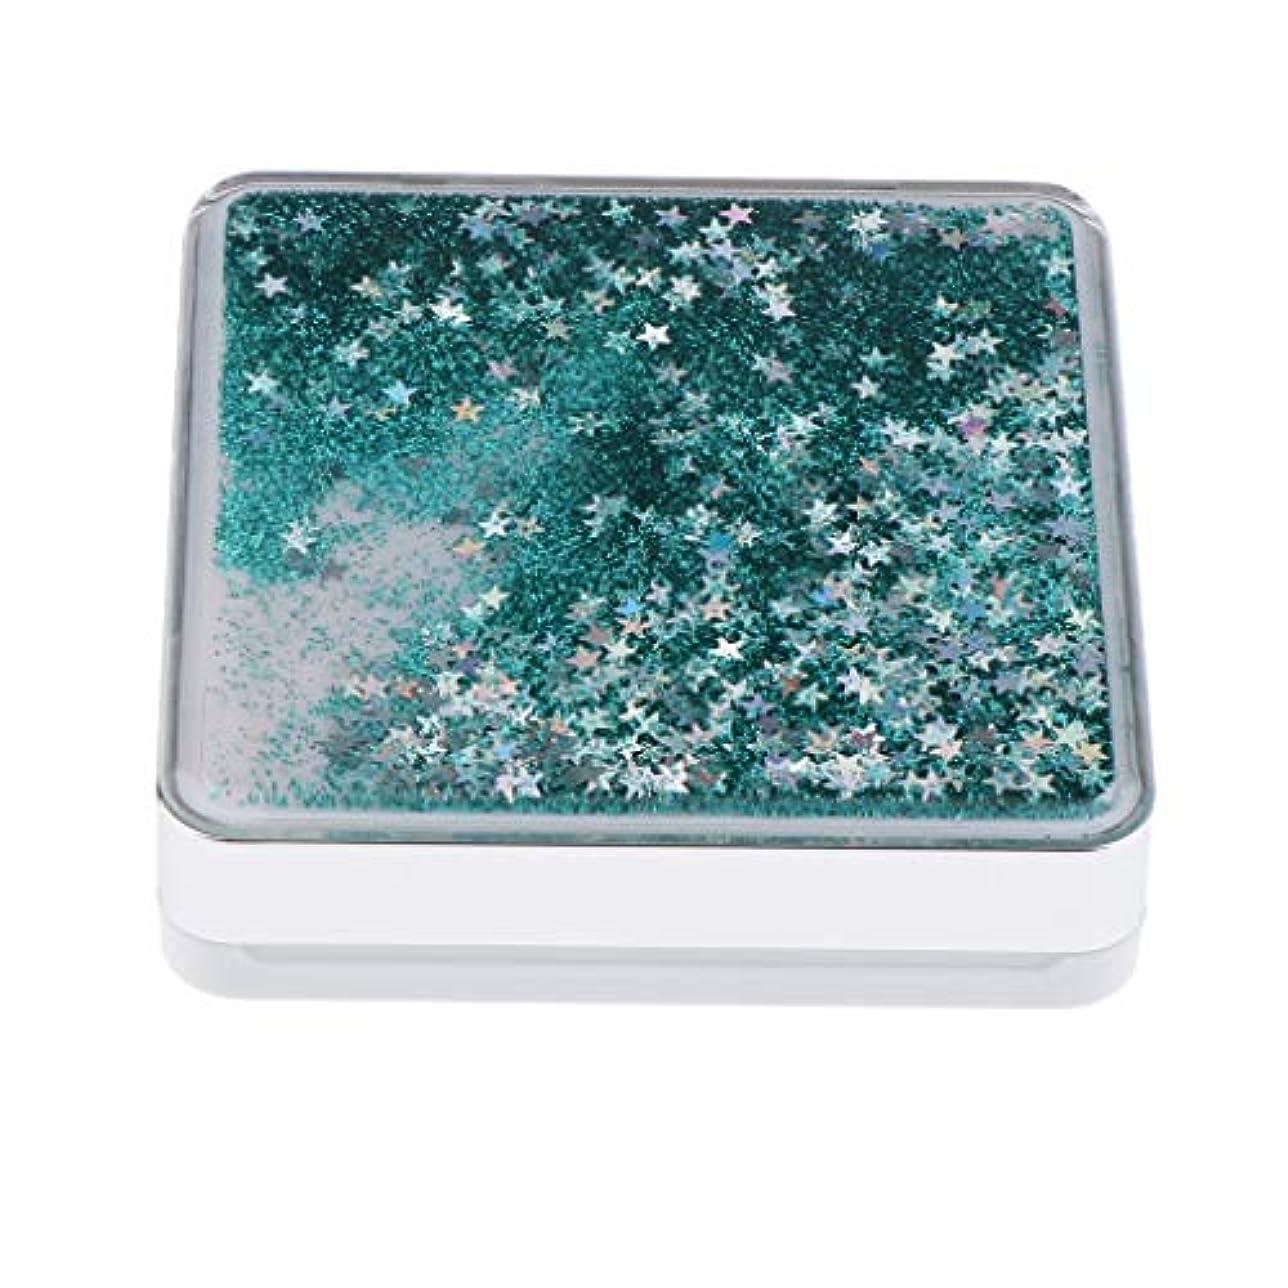 小麦静的抽出エアクッションケース パフ 化粧鏡 ミラー付き コンパクト 旅行小物 化粧品ケース 3色選べ - 緑